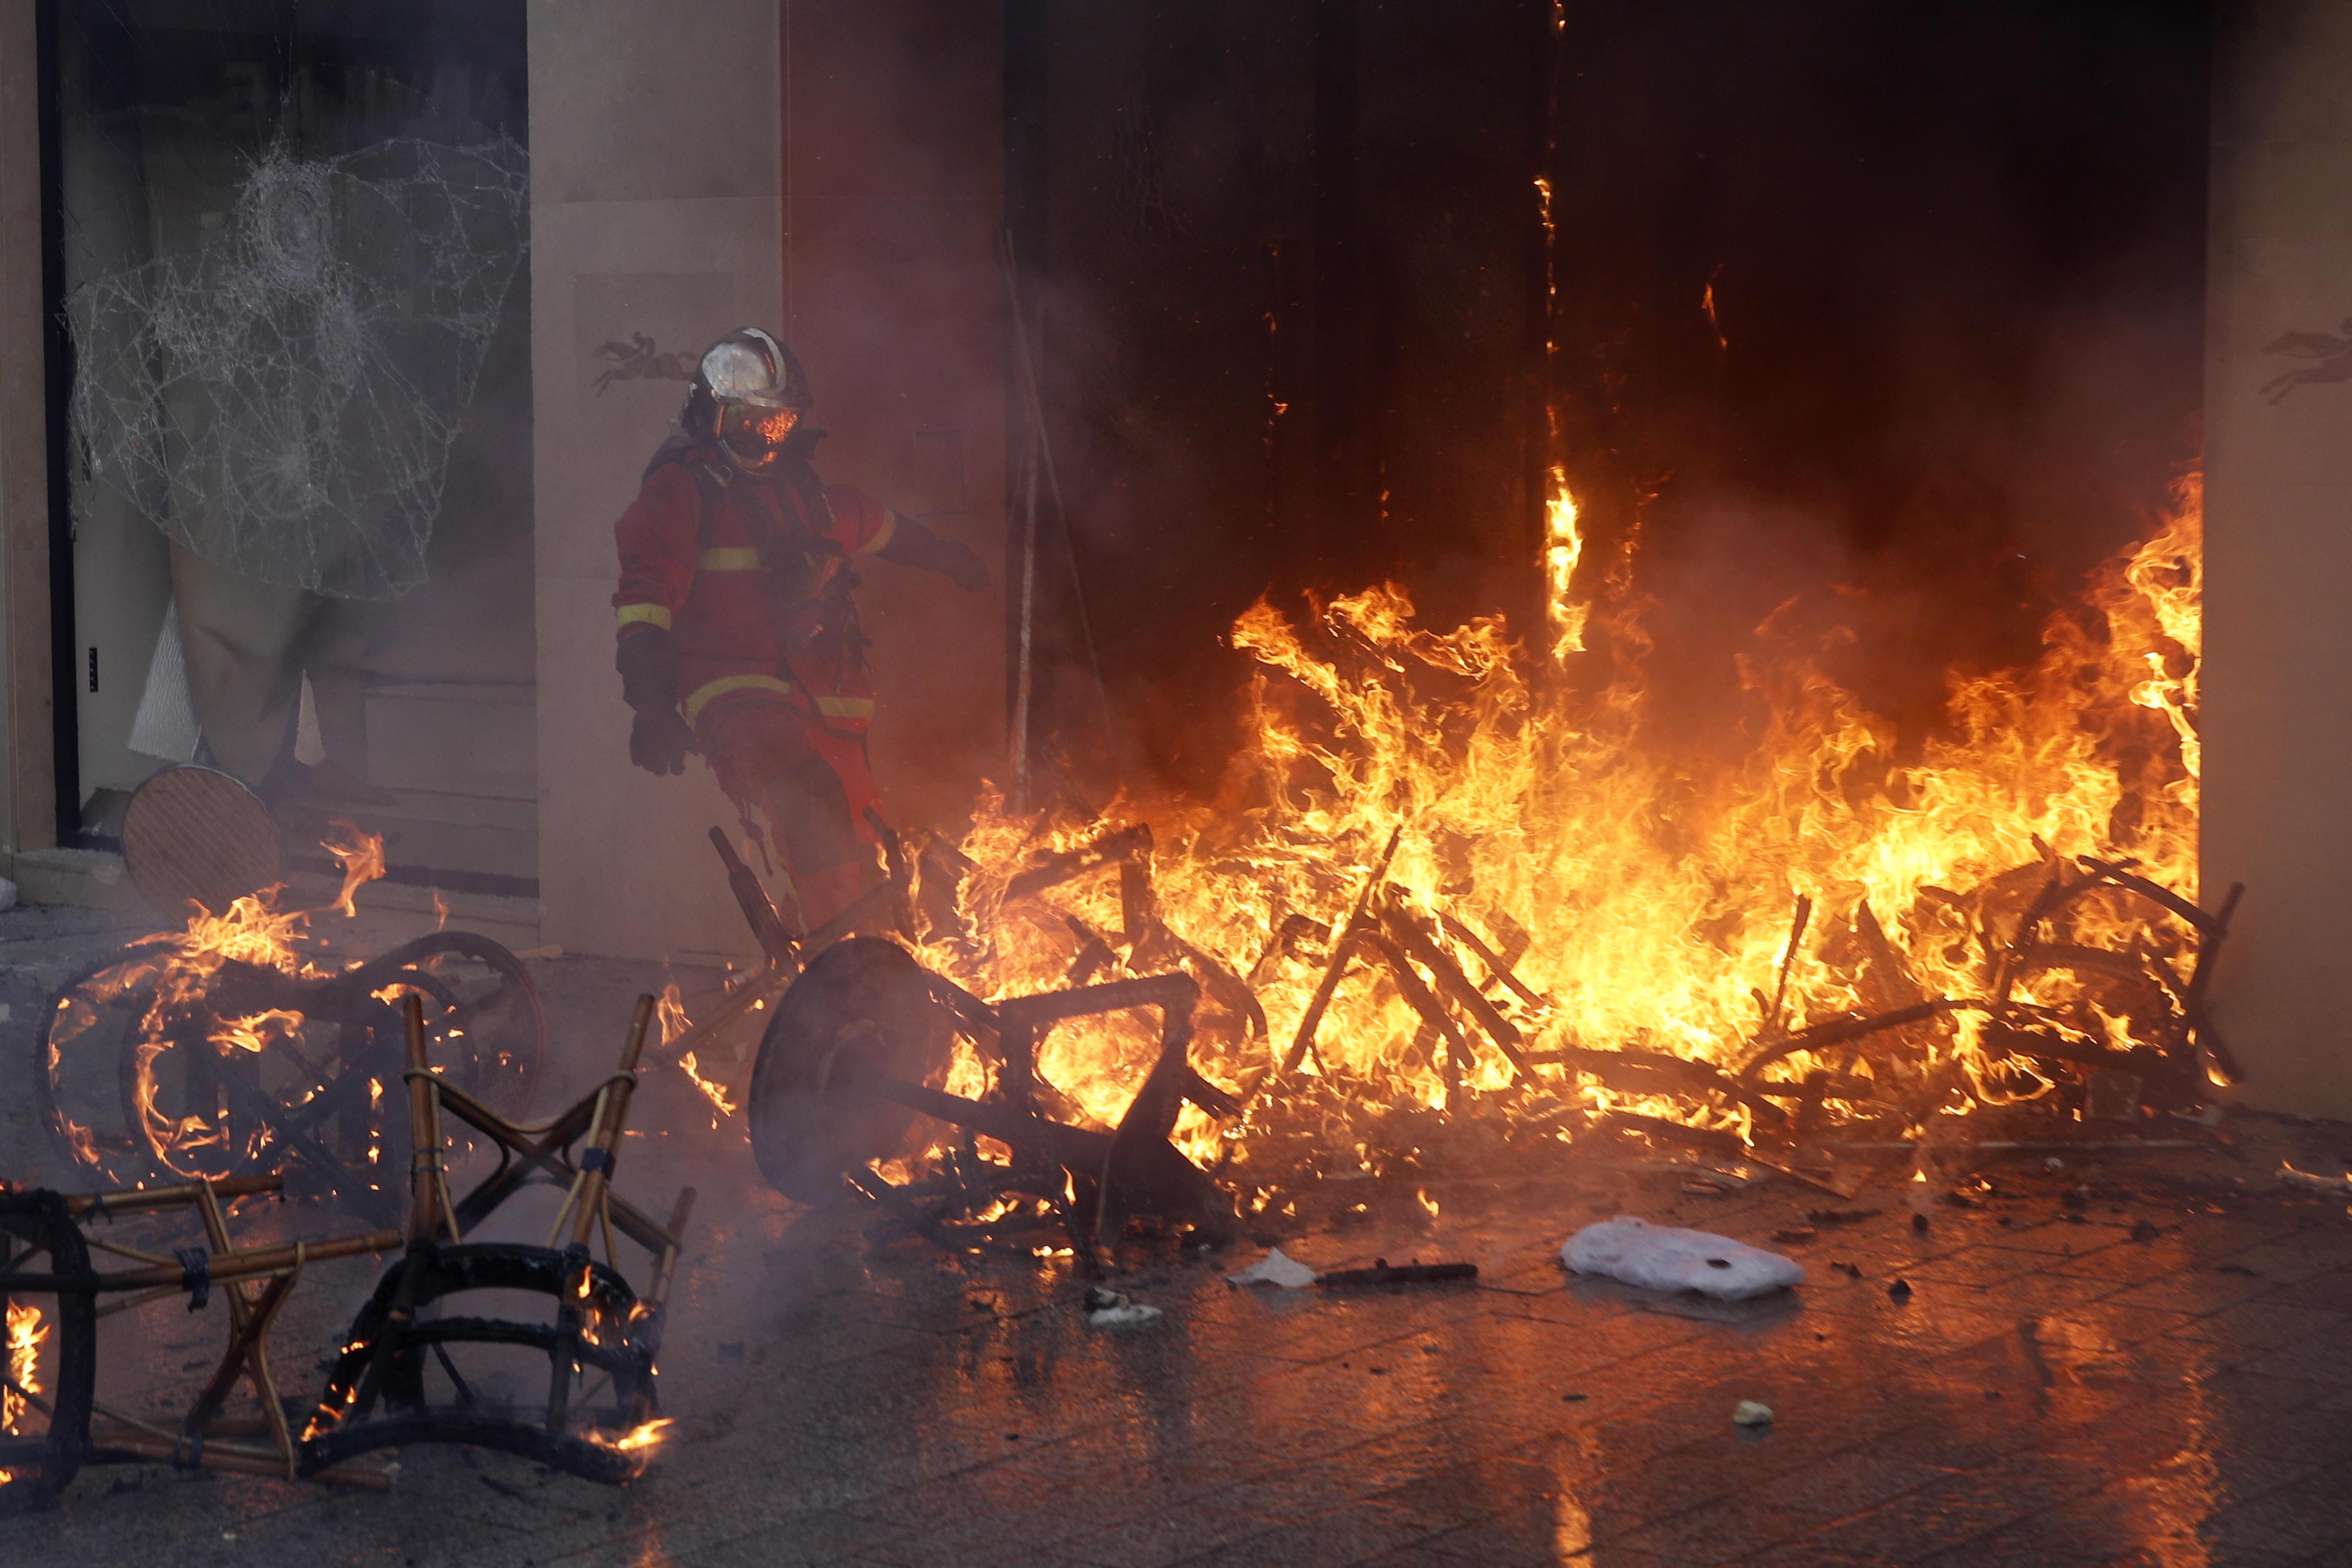 Un bomberos trata de apagar un incendio durante las protestas en los Campos Elíseos en Francia. Foto Prensa Libre: EFE